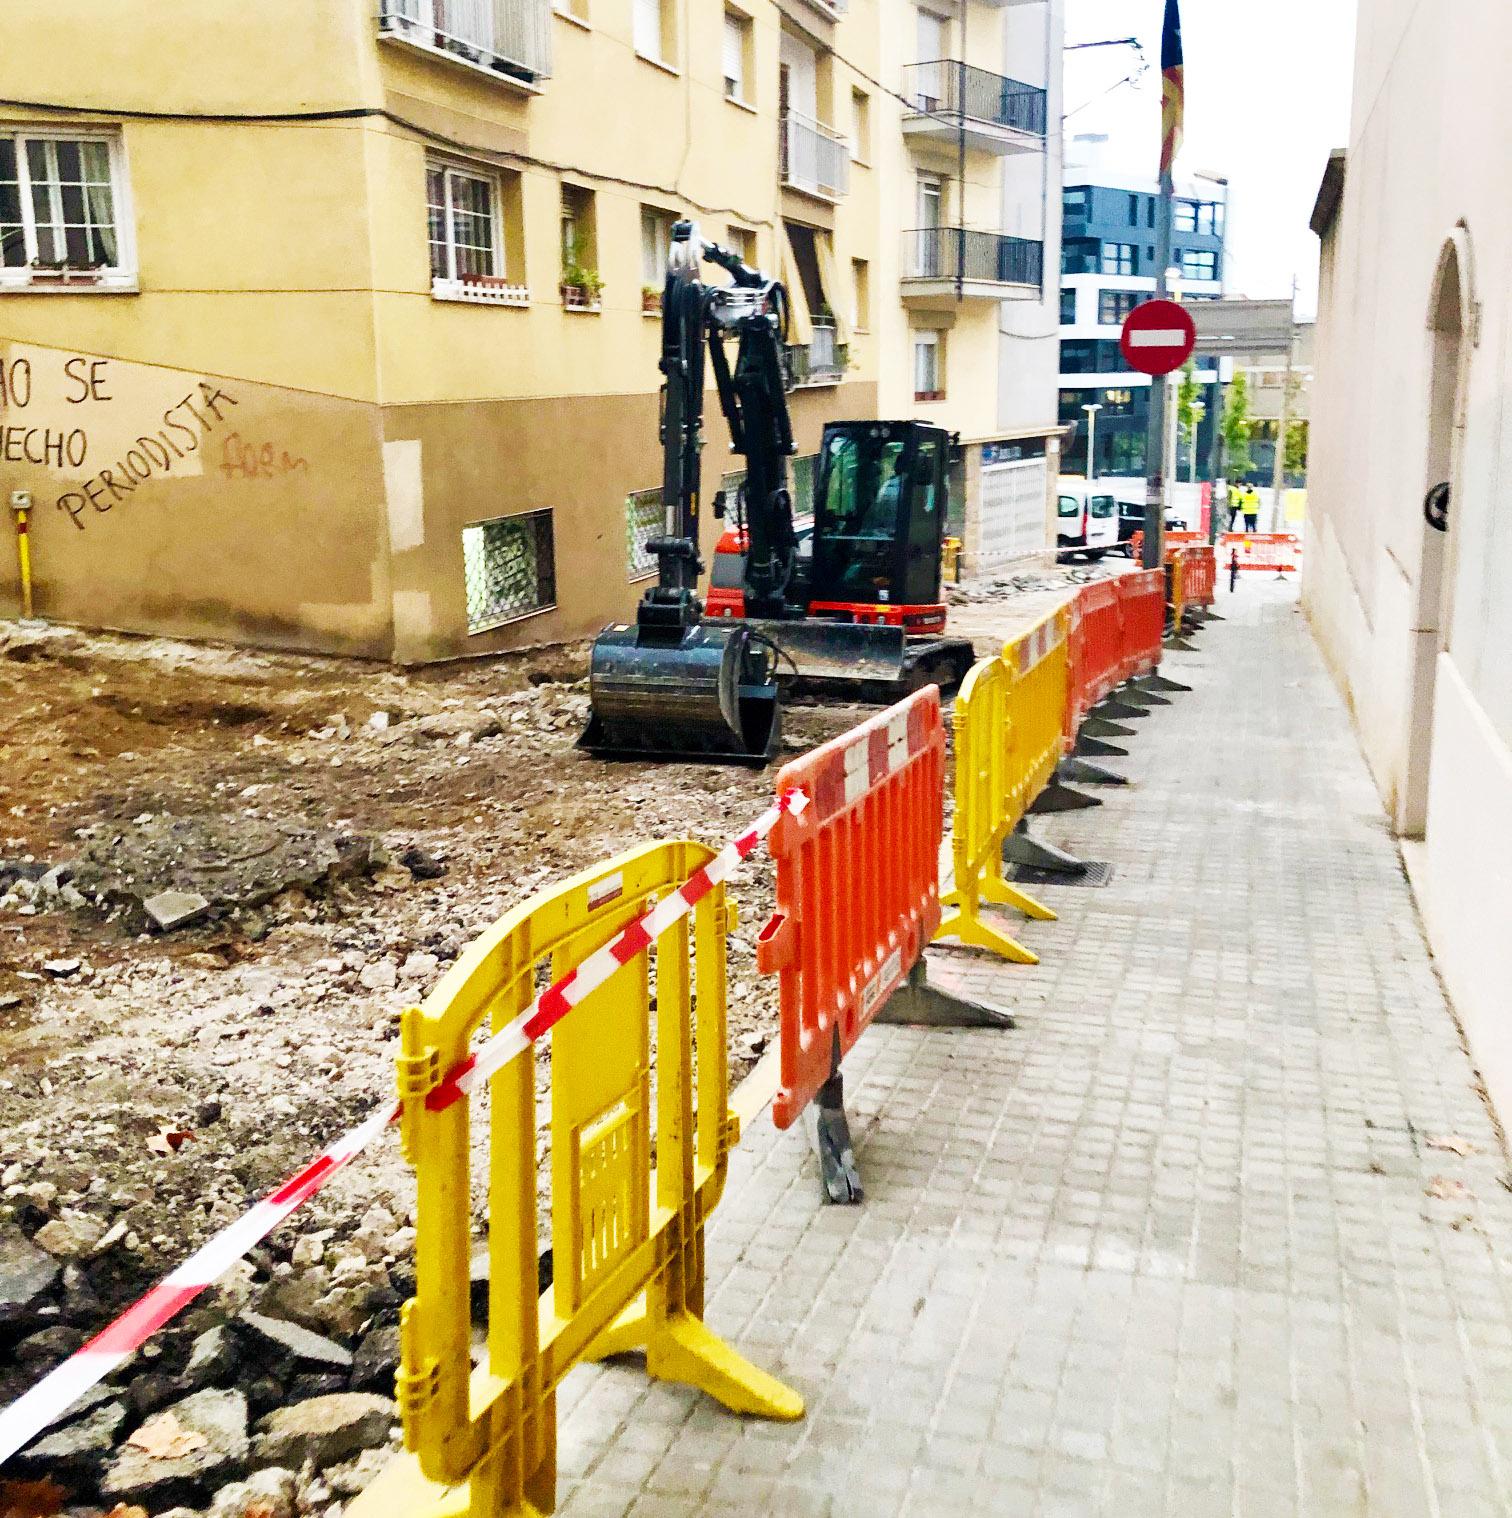 Les obres que s'estan duent a terme per convertir el carrer de Roger de Flor en zona pera vianants comporten afectacions al trànsit i modificacions del recorregut de l'autobús urbà